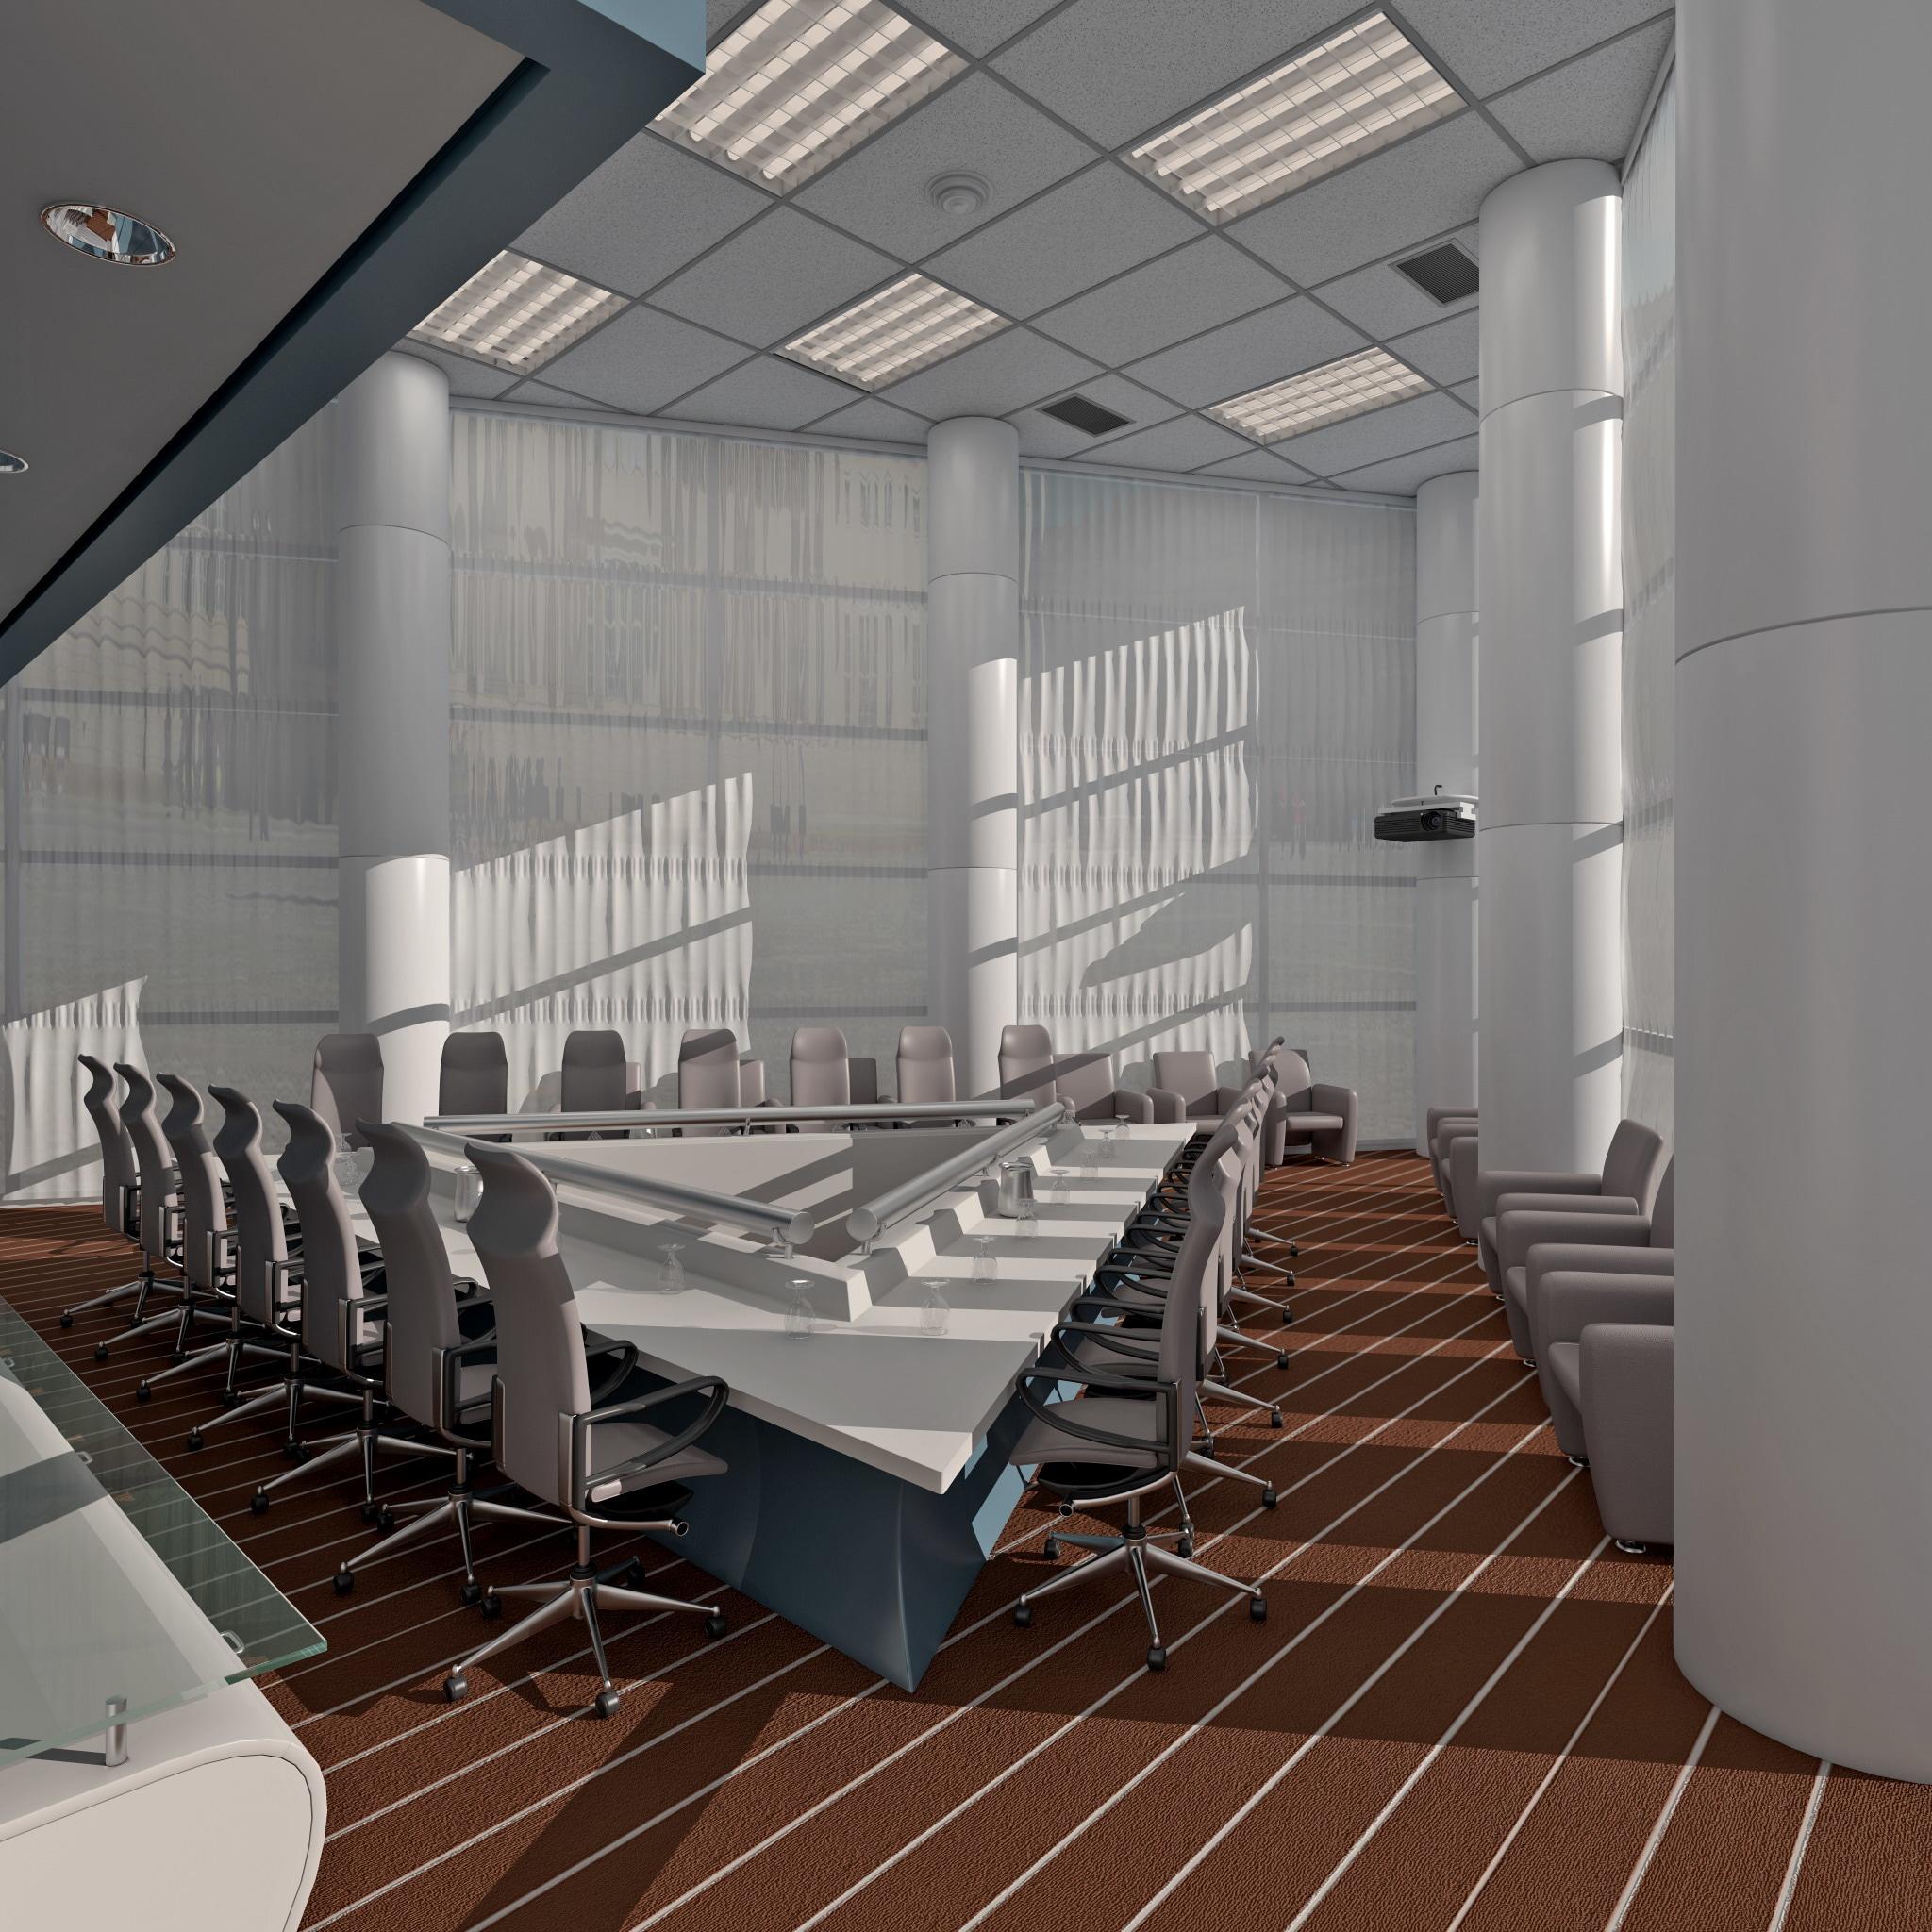 3d boardroom scene model